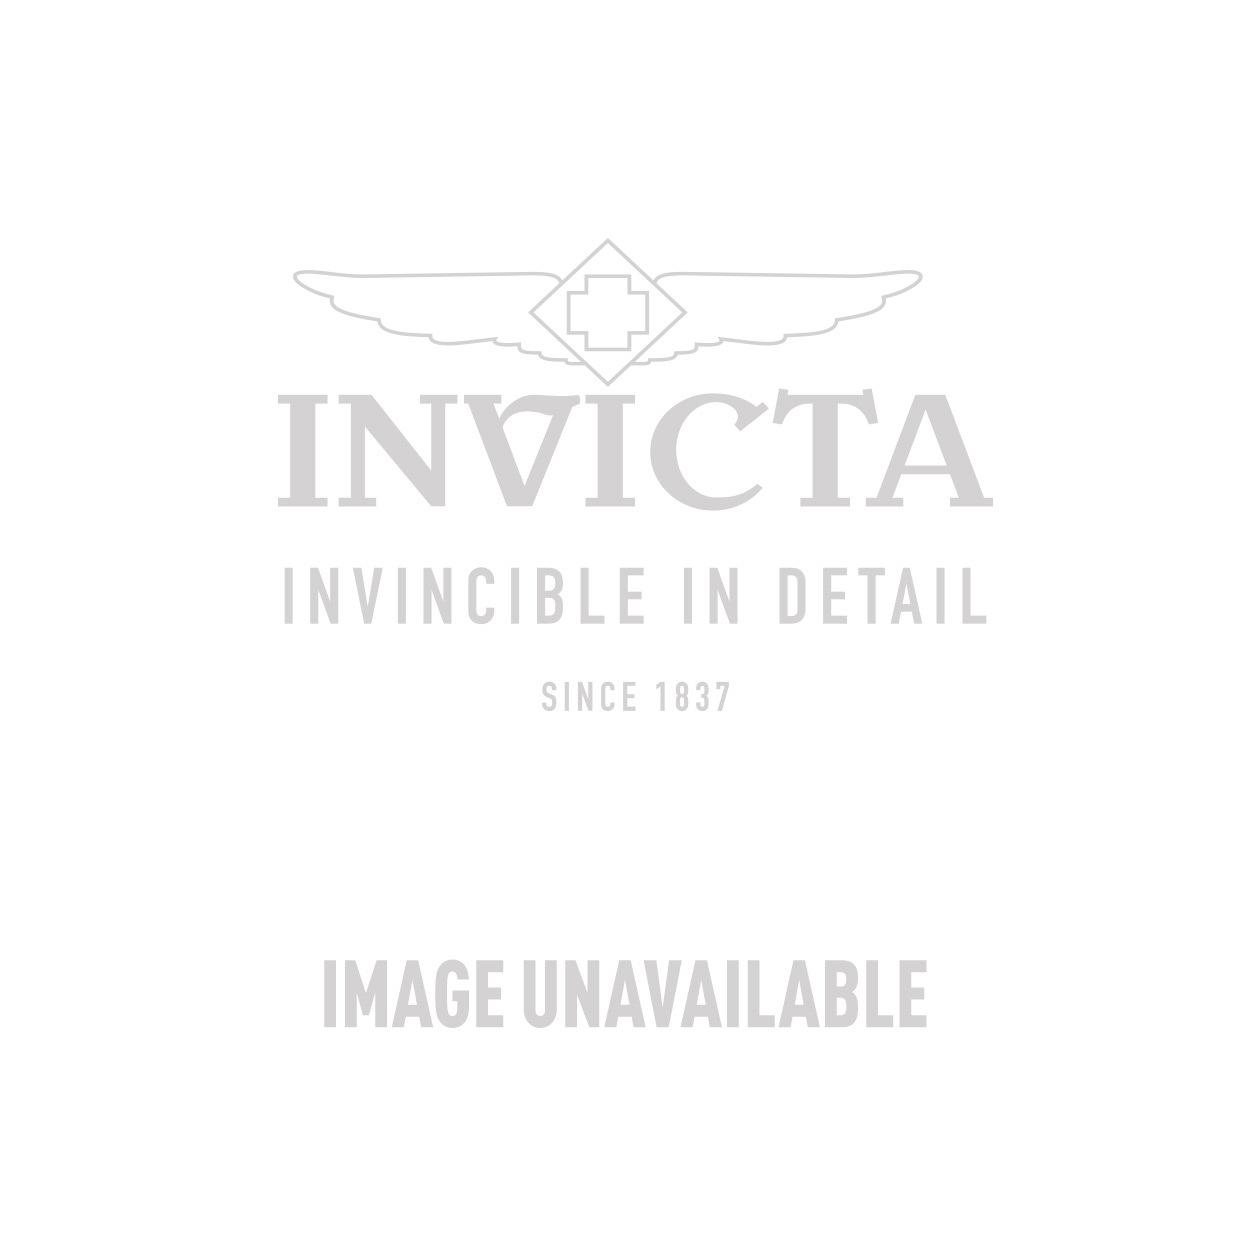 INVICTA Jewelry Incanto Necklaces 42 30.8 Silver 925 and Silk and Silver Fabric Mesh Black+Silver - Model J0065